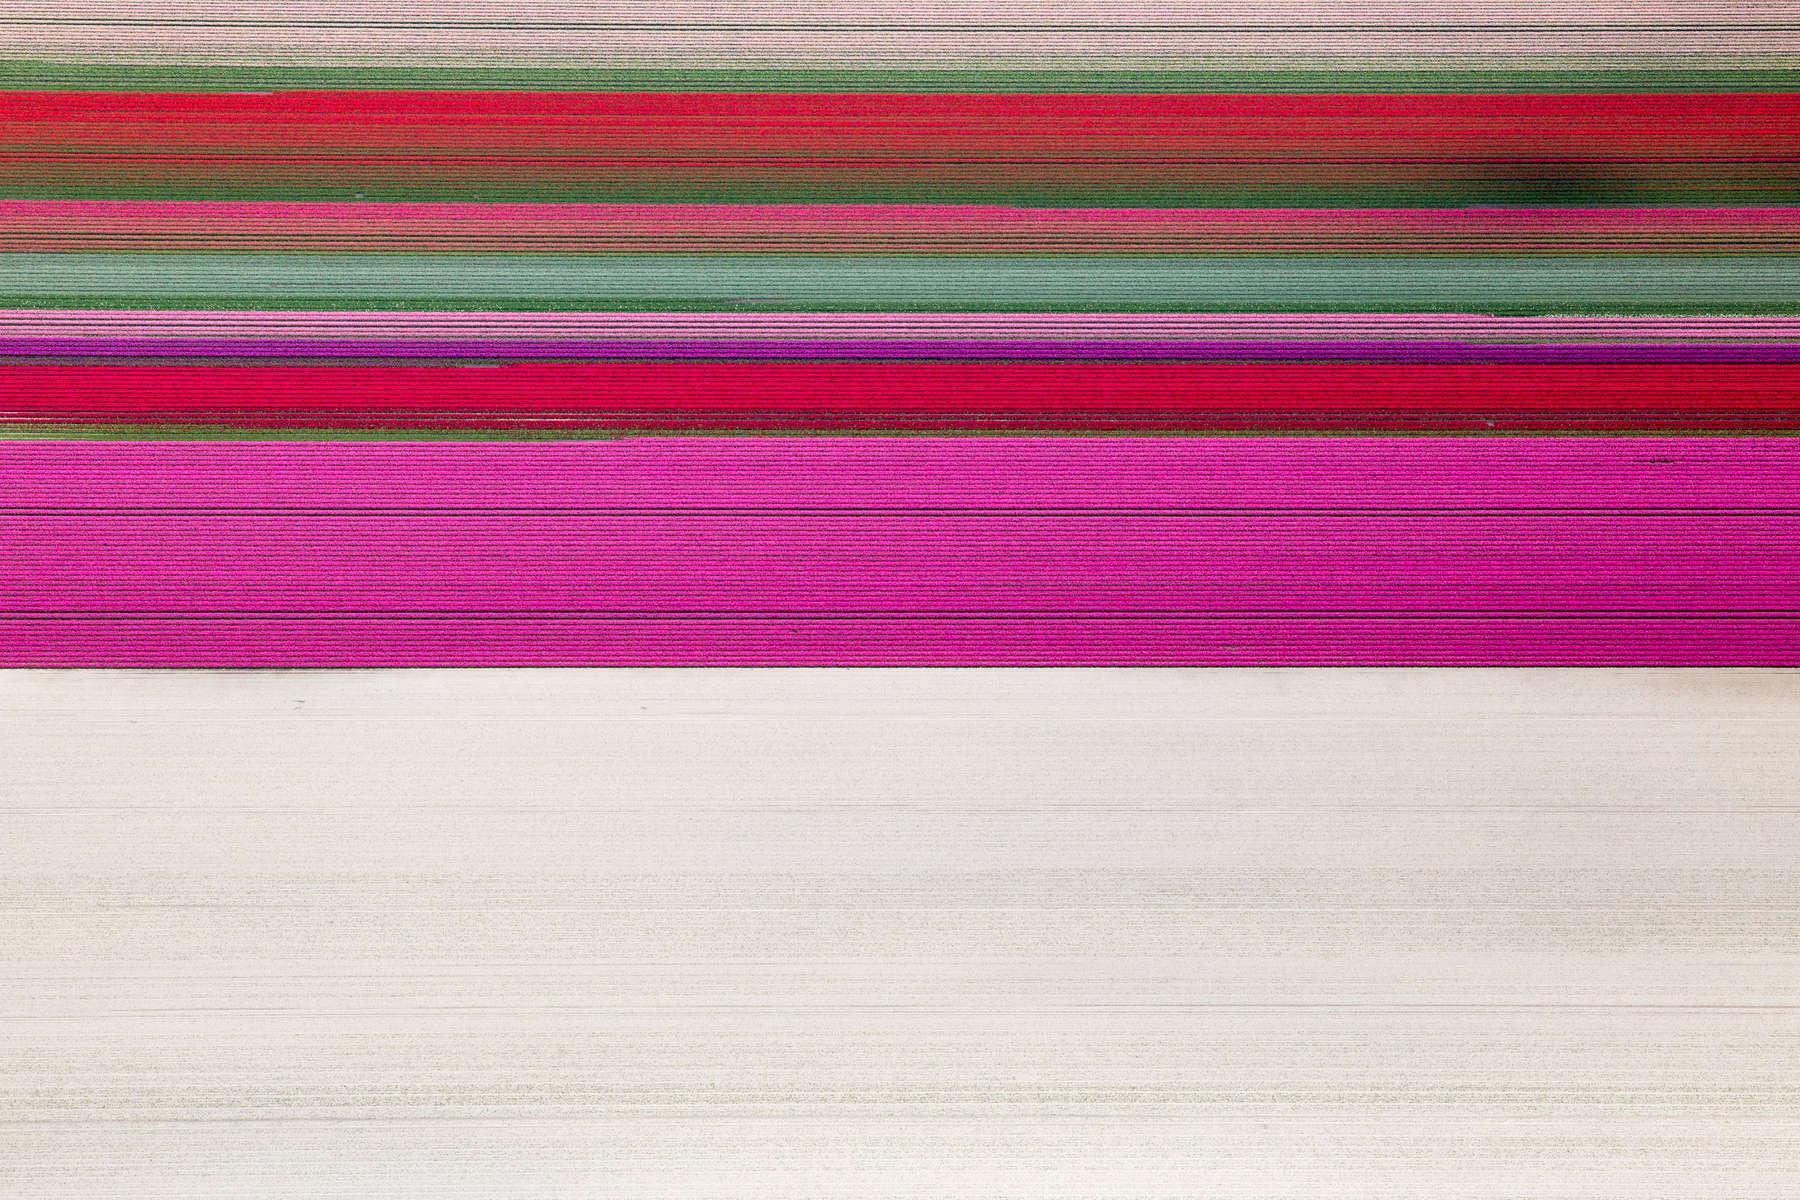 Tulip Bands, Rutten, Netherlands 2015 (150502-0186)